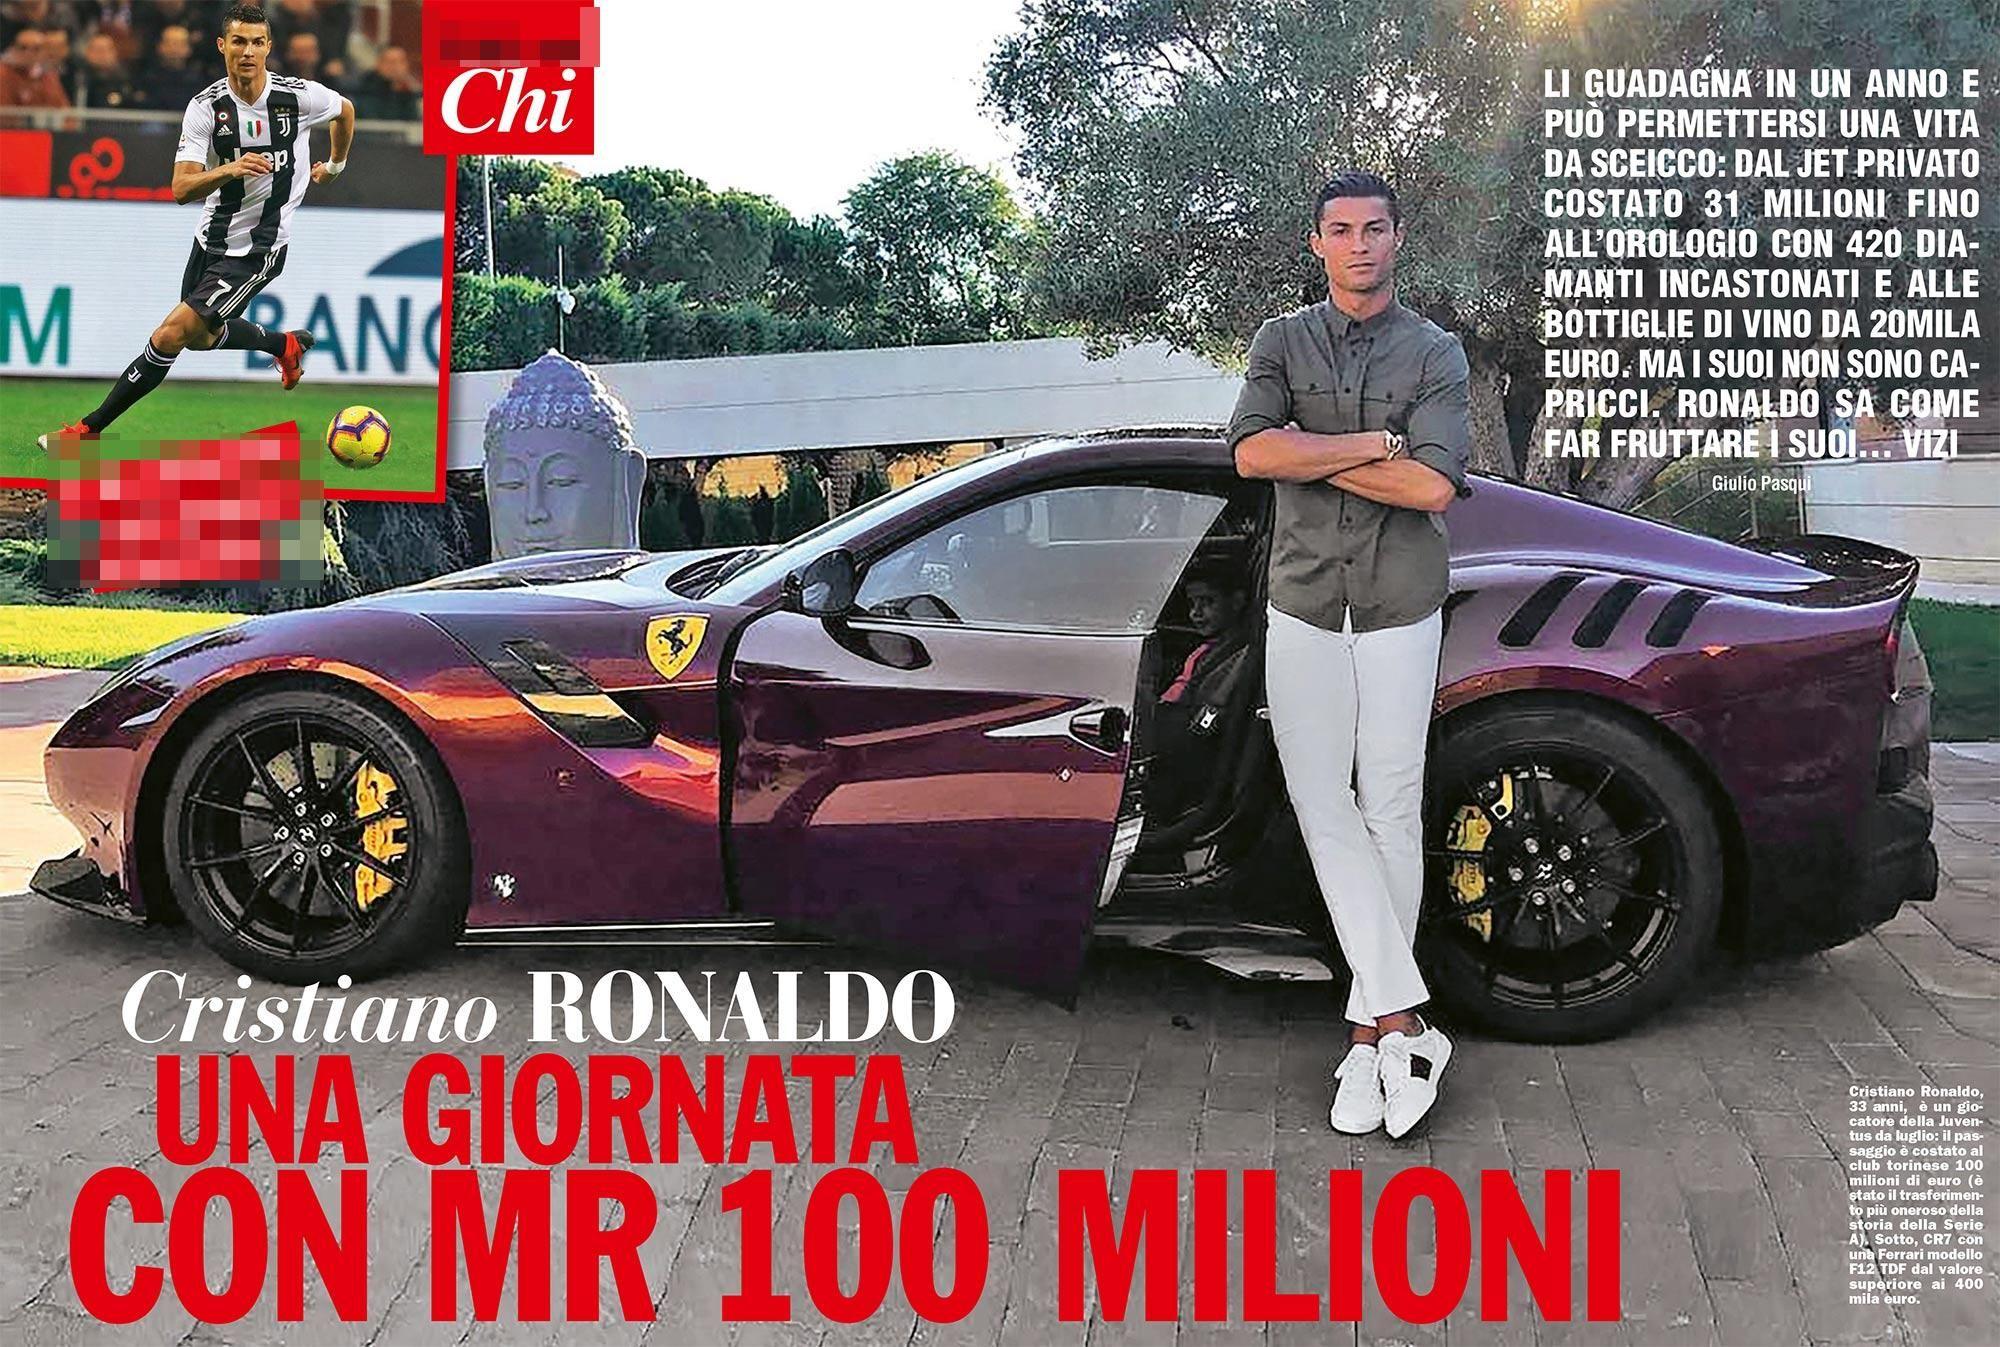 Vita da sceicco! Il lusso del campione Cristiano Ronaldo